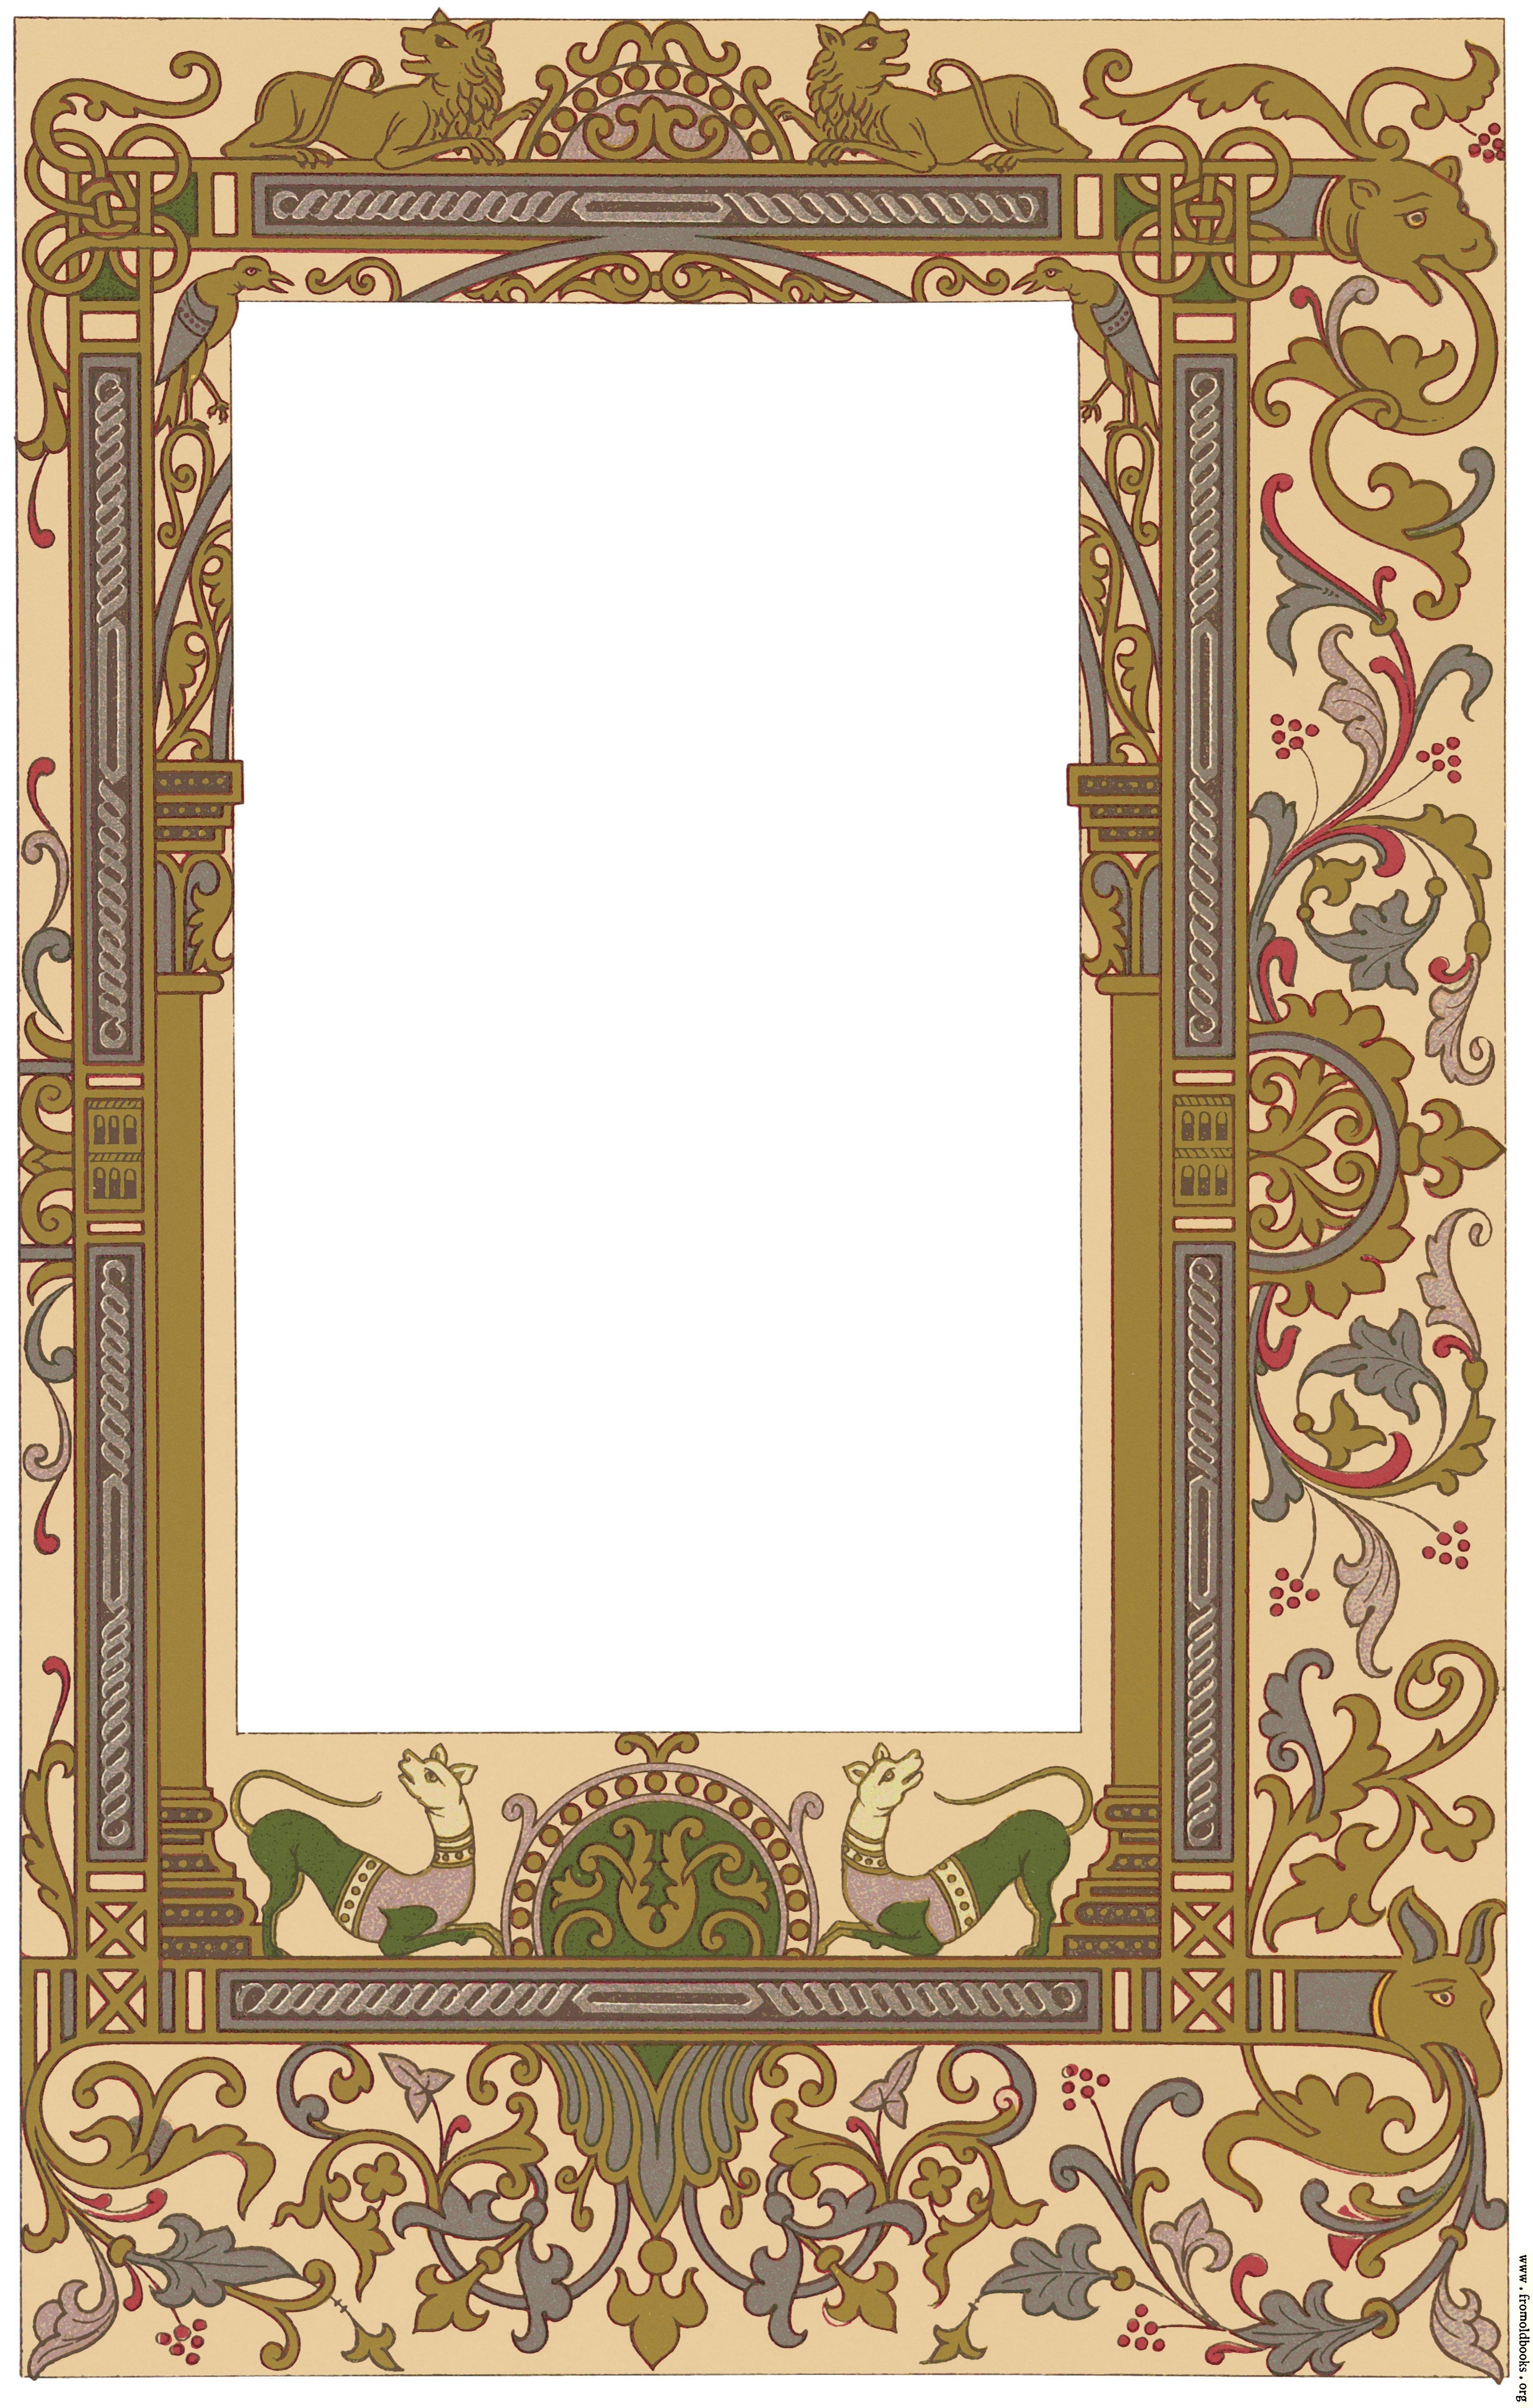 Fig. 99 No. 7.—Ornate border, 9th century, Gallo-Frankish ...